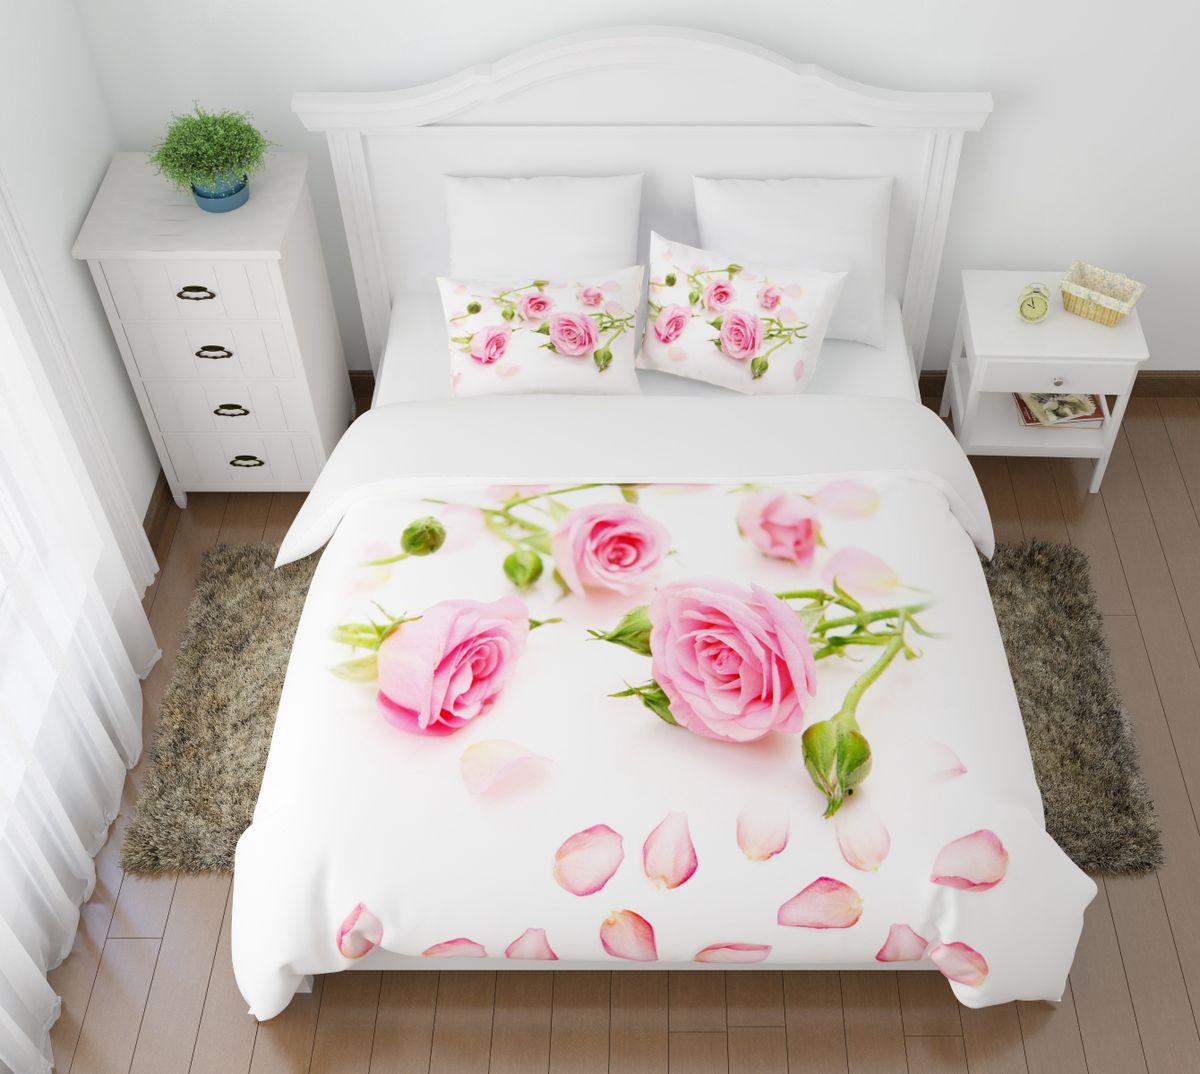 Комплект белья Сирень Лепестки роз, 1,5-спальный, наволочки 50x7008486-КПБ-МКомплект постельного белья Сирень выполнен из прочной и мягкой ткани. Четкий и стильный рисунок в сочетании с насыщенными красками делают комплект постельного белья неповторимой изюминкой любого интерьера.Постельное белье идеально подойдет для подарка. Идеальное соотношение смешенной ткани и гипоаллергенных красок - это гарантия здорового, спокойного сна. Ткань хорошо впитывает влагу, надолго сохраняет яркость красок.В комплект входят: простынь, пододеяльник, две наволочки. Постельное белье легко стирать при 30-40°С, гладить при 150°С, не отбеливать. Рекомендуется перед первым использованием постирать.УВАЖАЕМЫЕ КЛИЕНТЫ! Обращаем ваше внимание, что цвет простыни, пододеяльника, наволочки в комплектации может немного отличаться от представленного на фото.